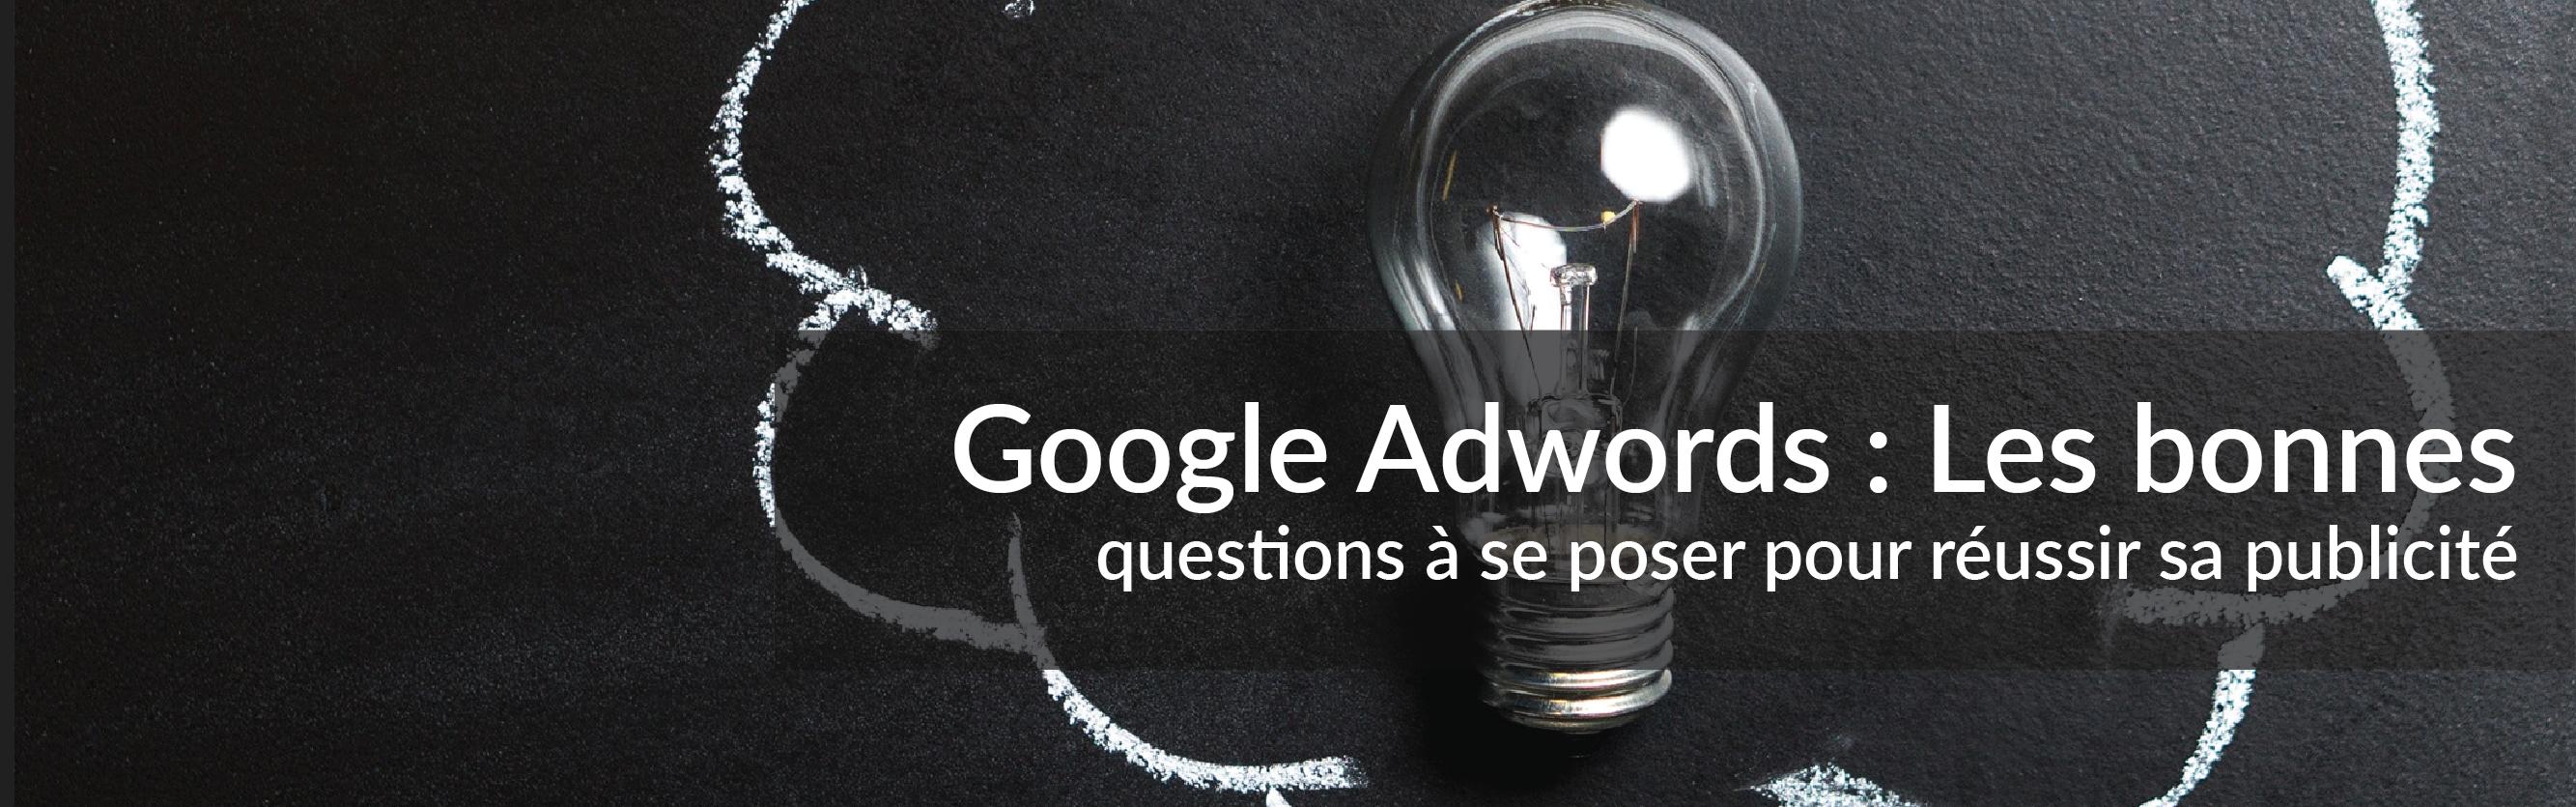 Google Adwords : Les bonnes questions à se poser pour réussir sa publicité | Studio Grafik